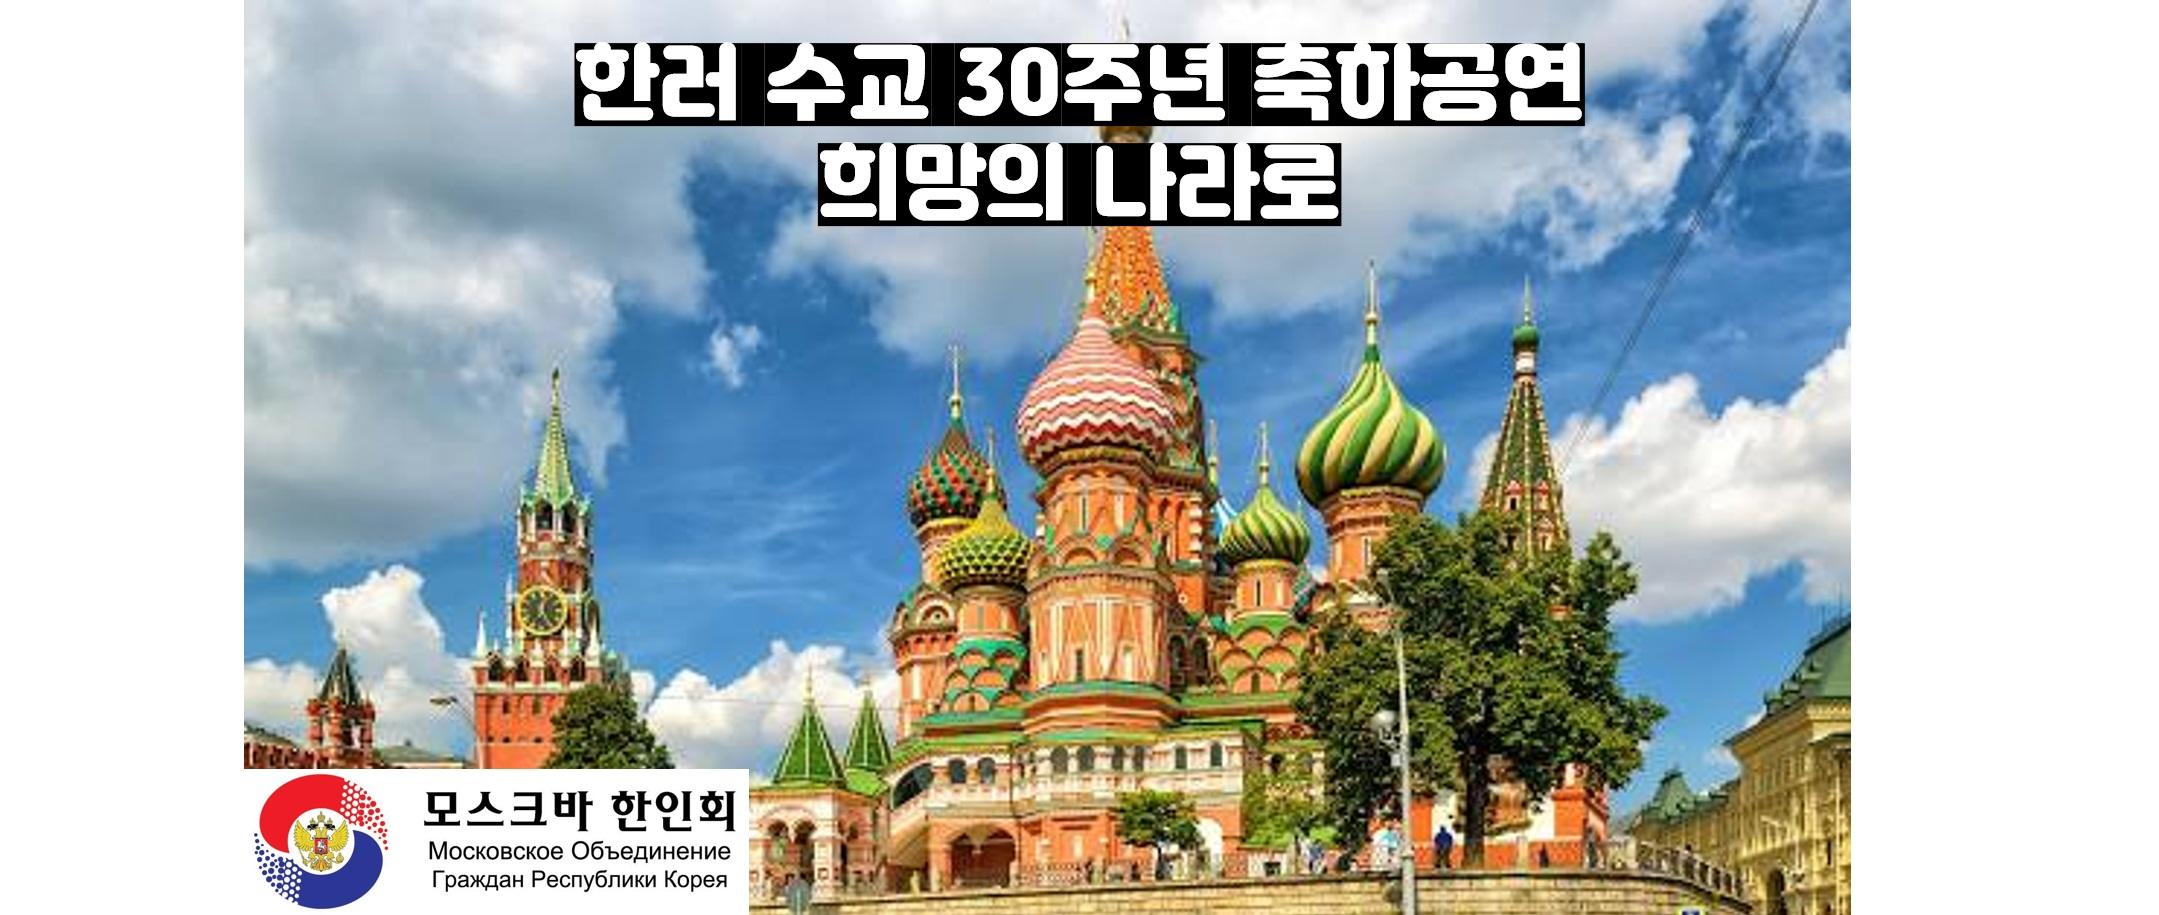 모스크바 한인회3.jpg